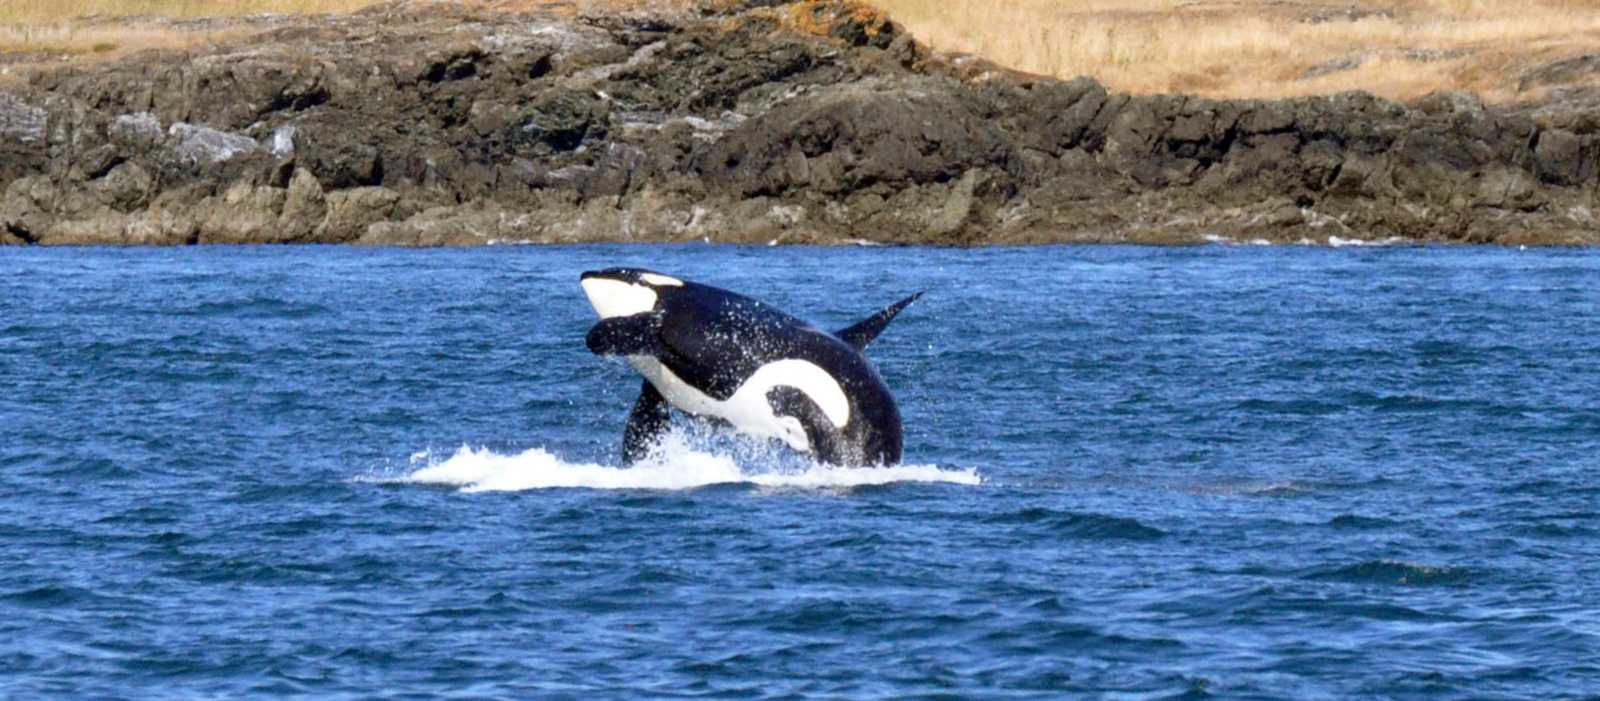 Walbeobachtung an der Küste von BC, Orca springt aus dem Wasser